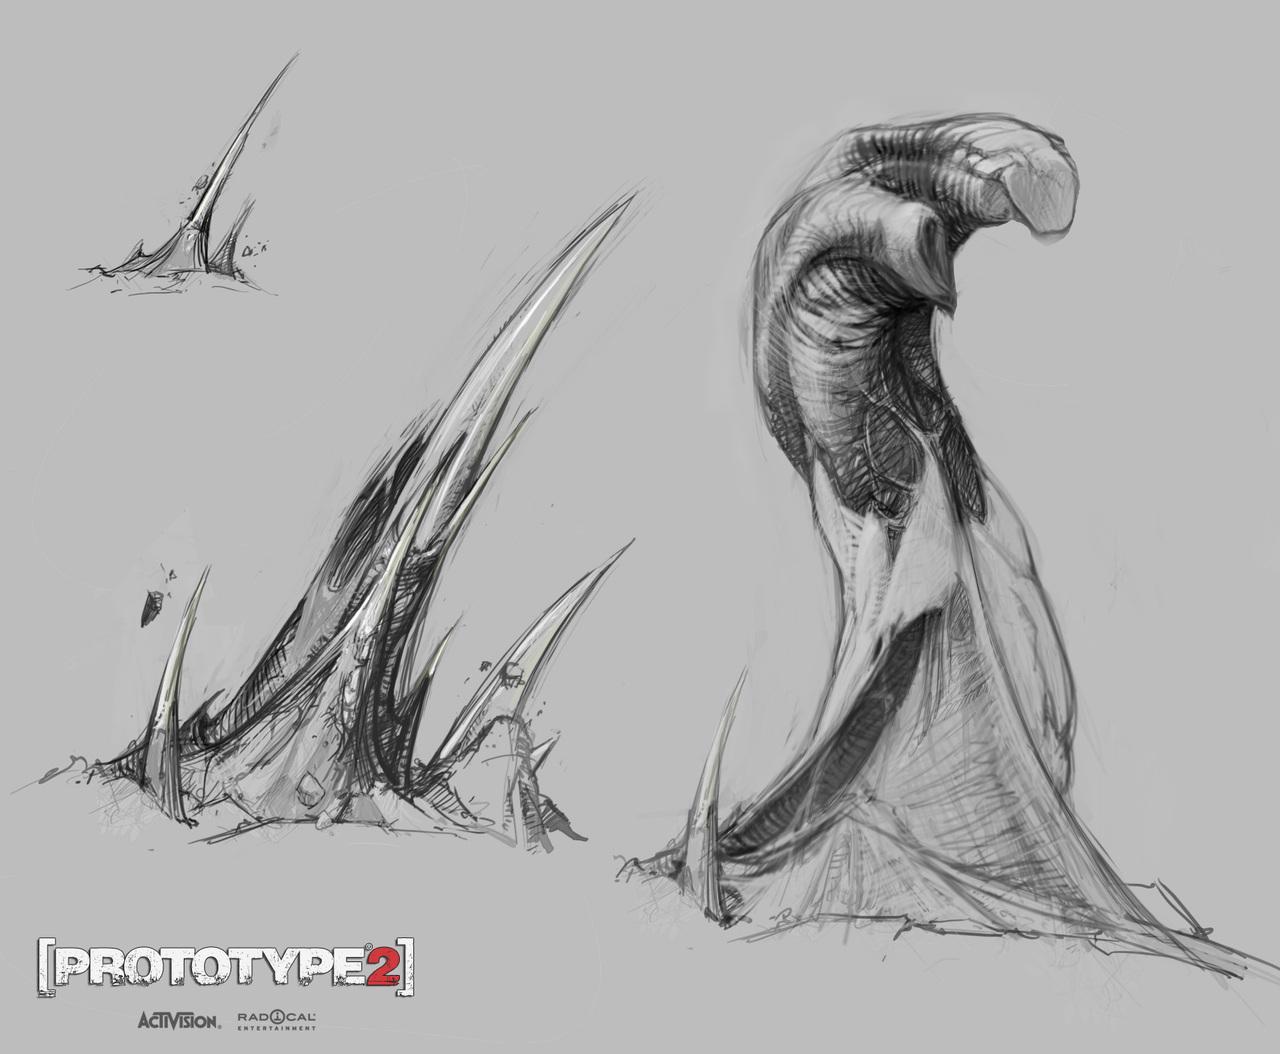 Galerie: Monstra z Prototype 2 60822